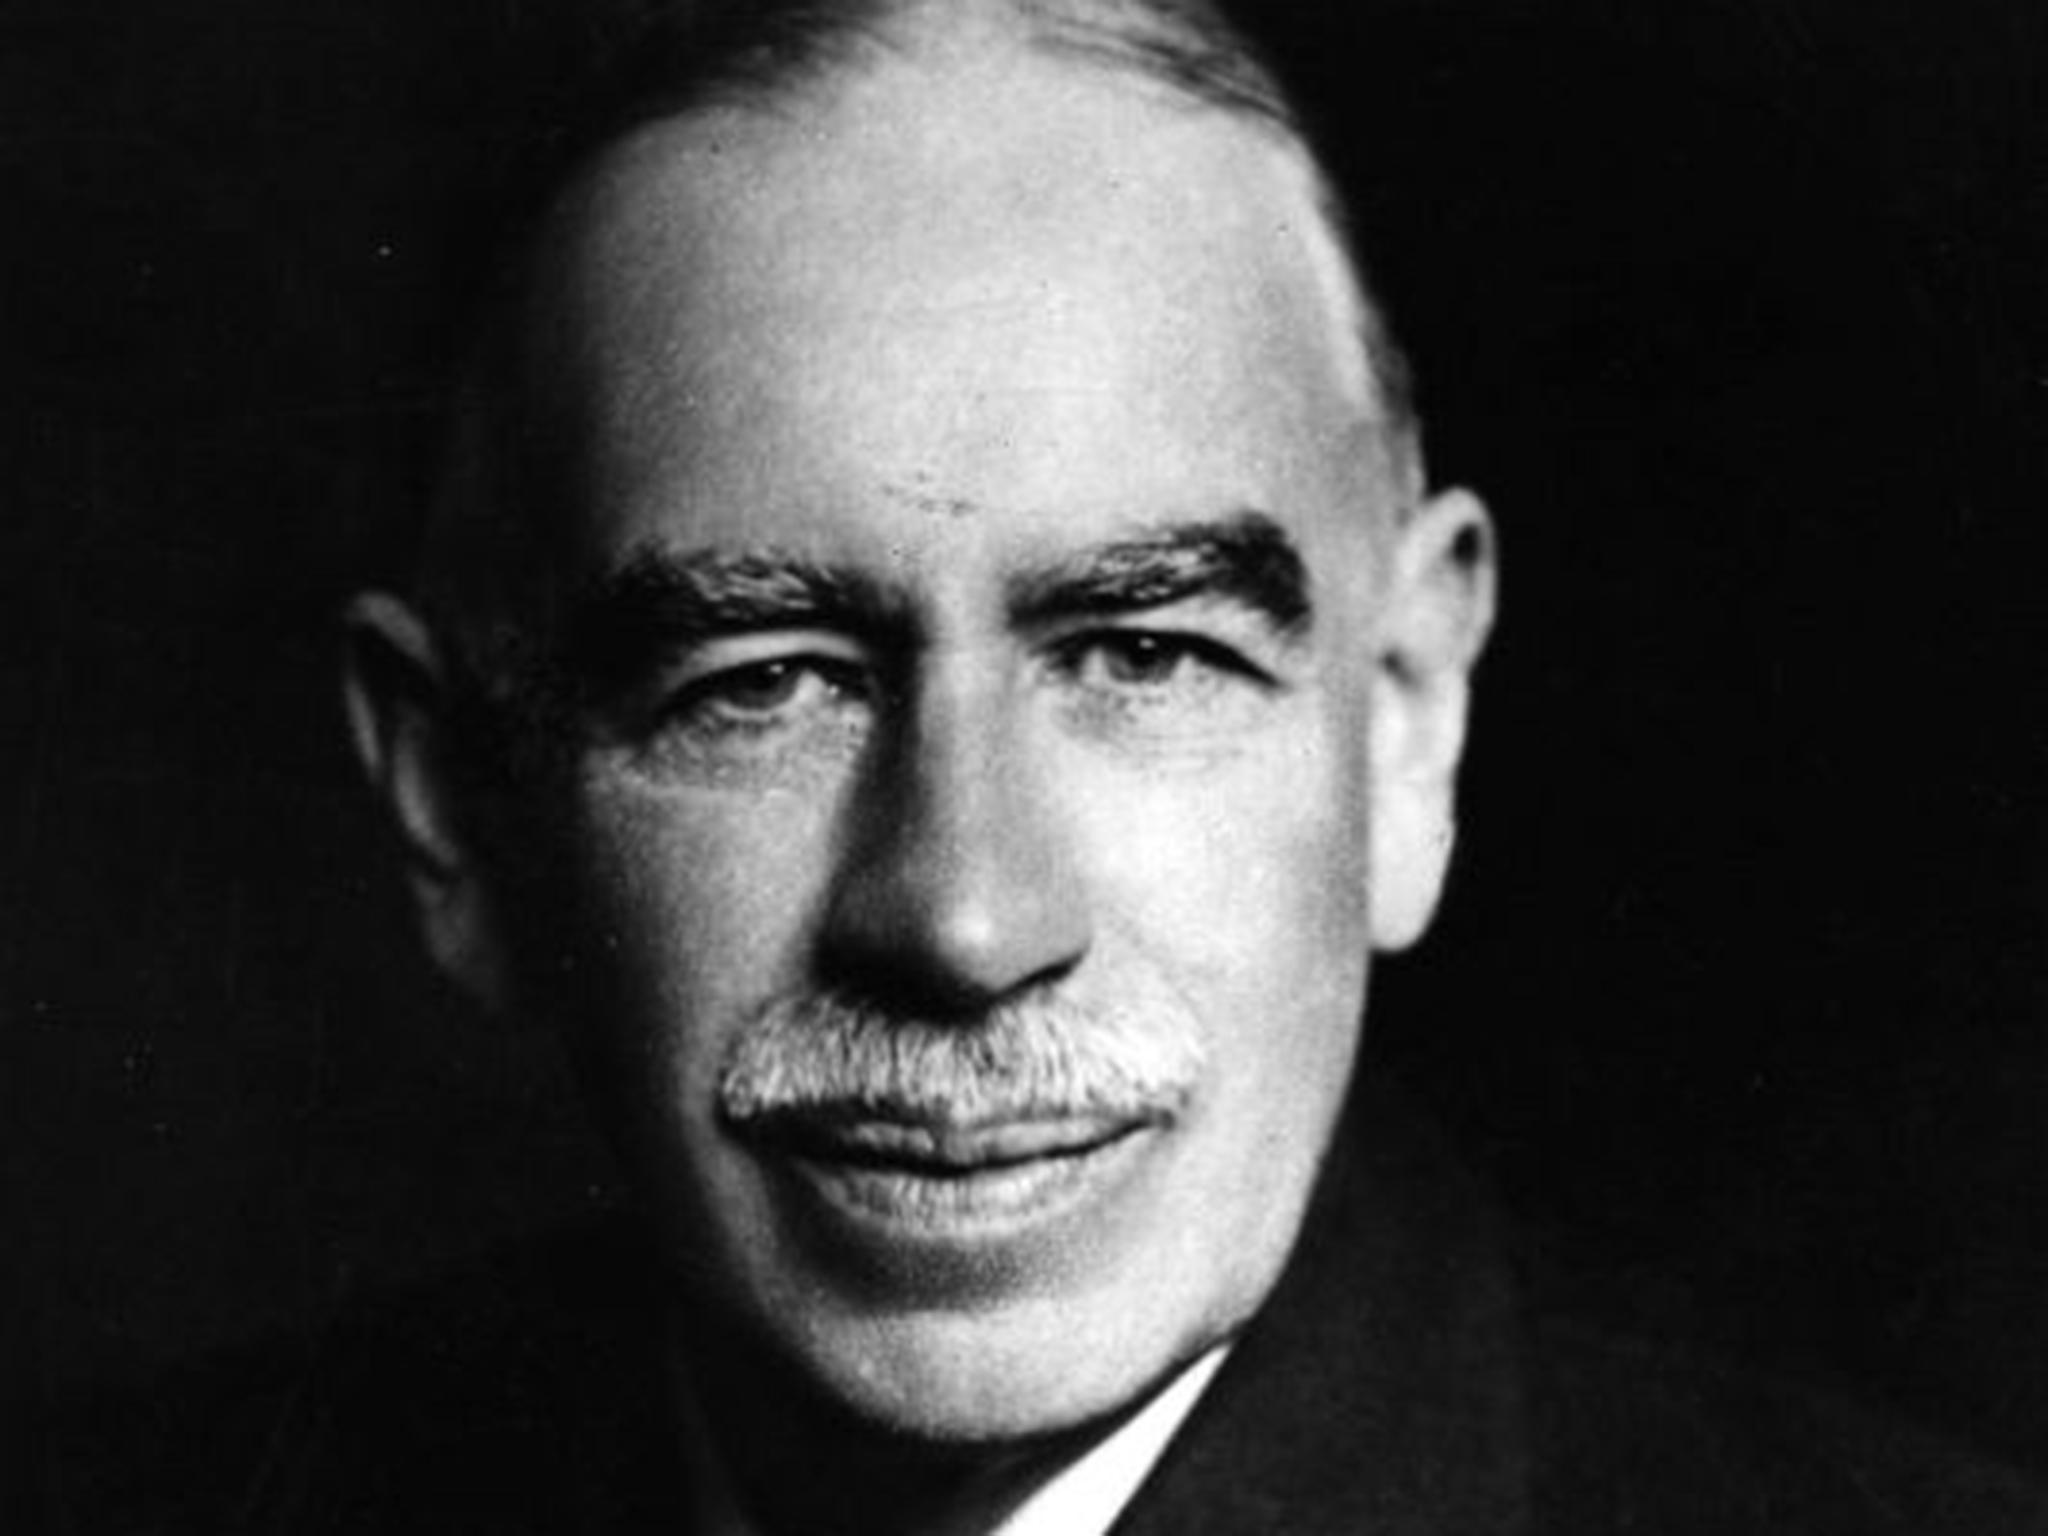 Cosa resta di Keynes 80 anni dopo il suo più celebre testo? | IL